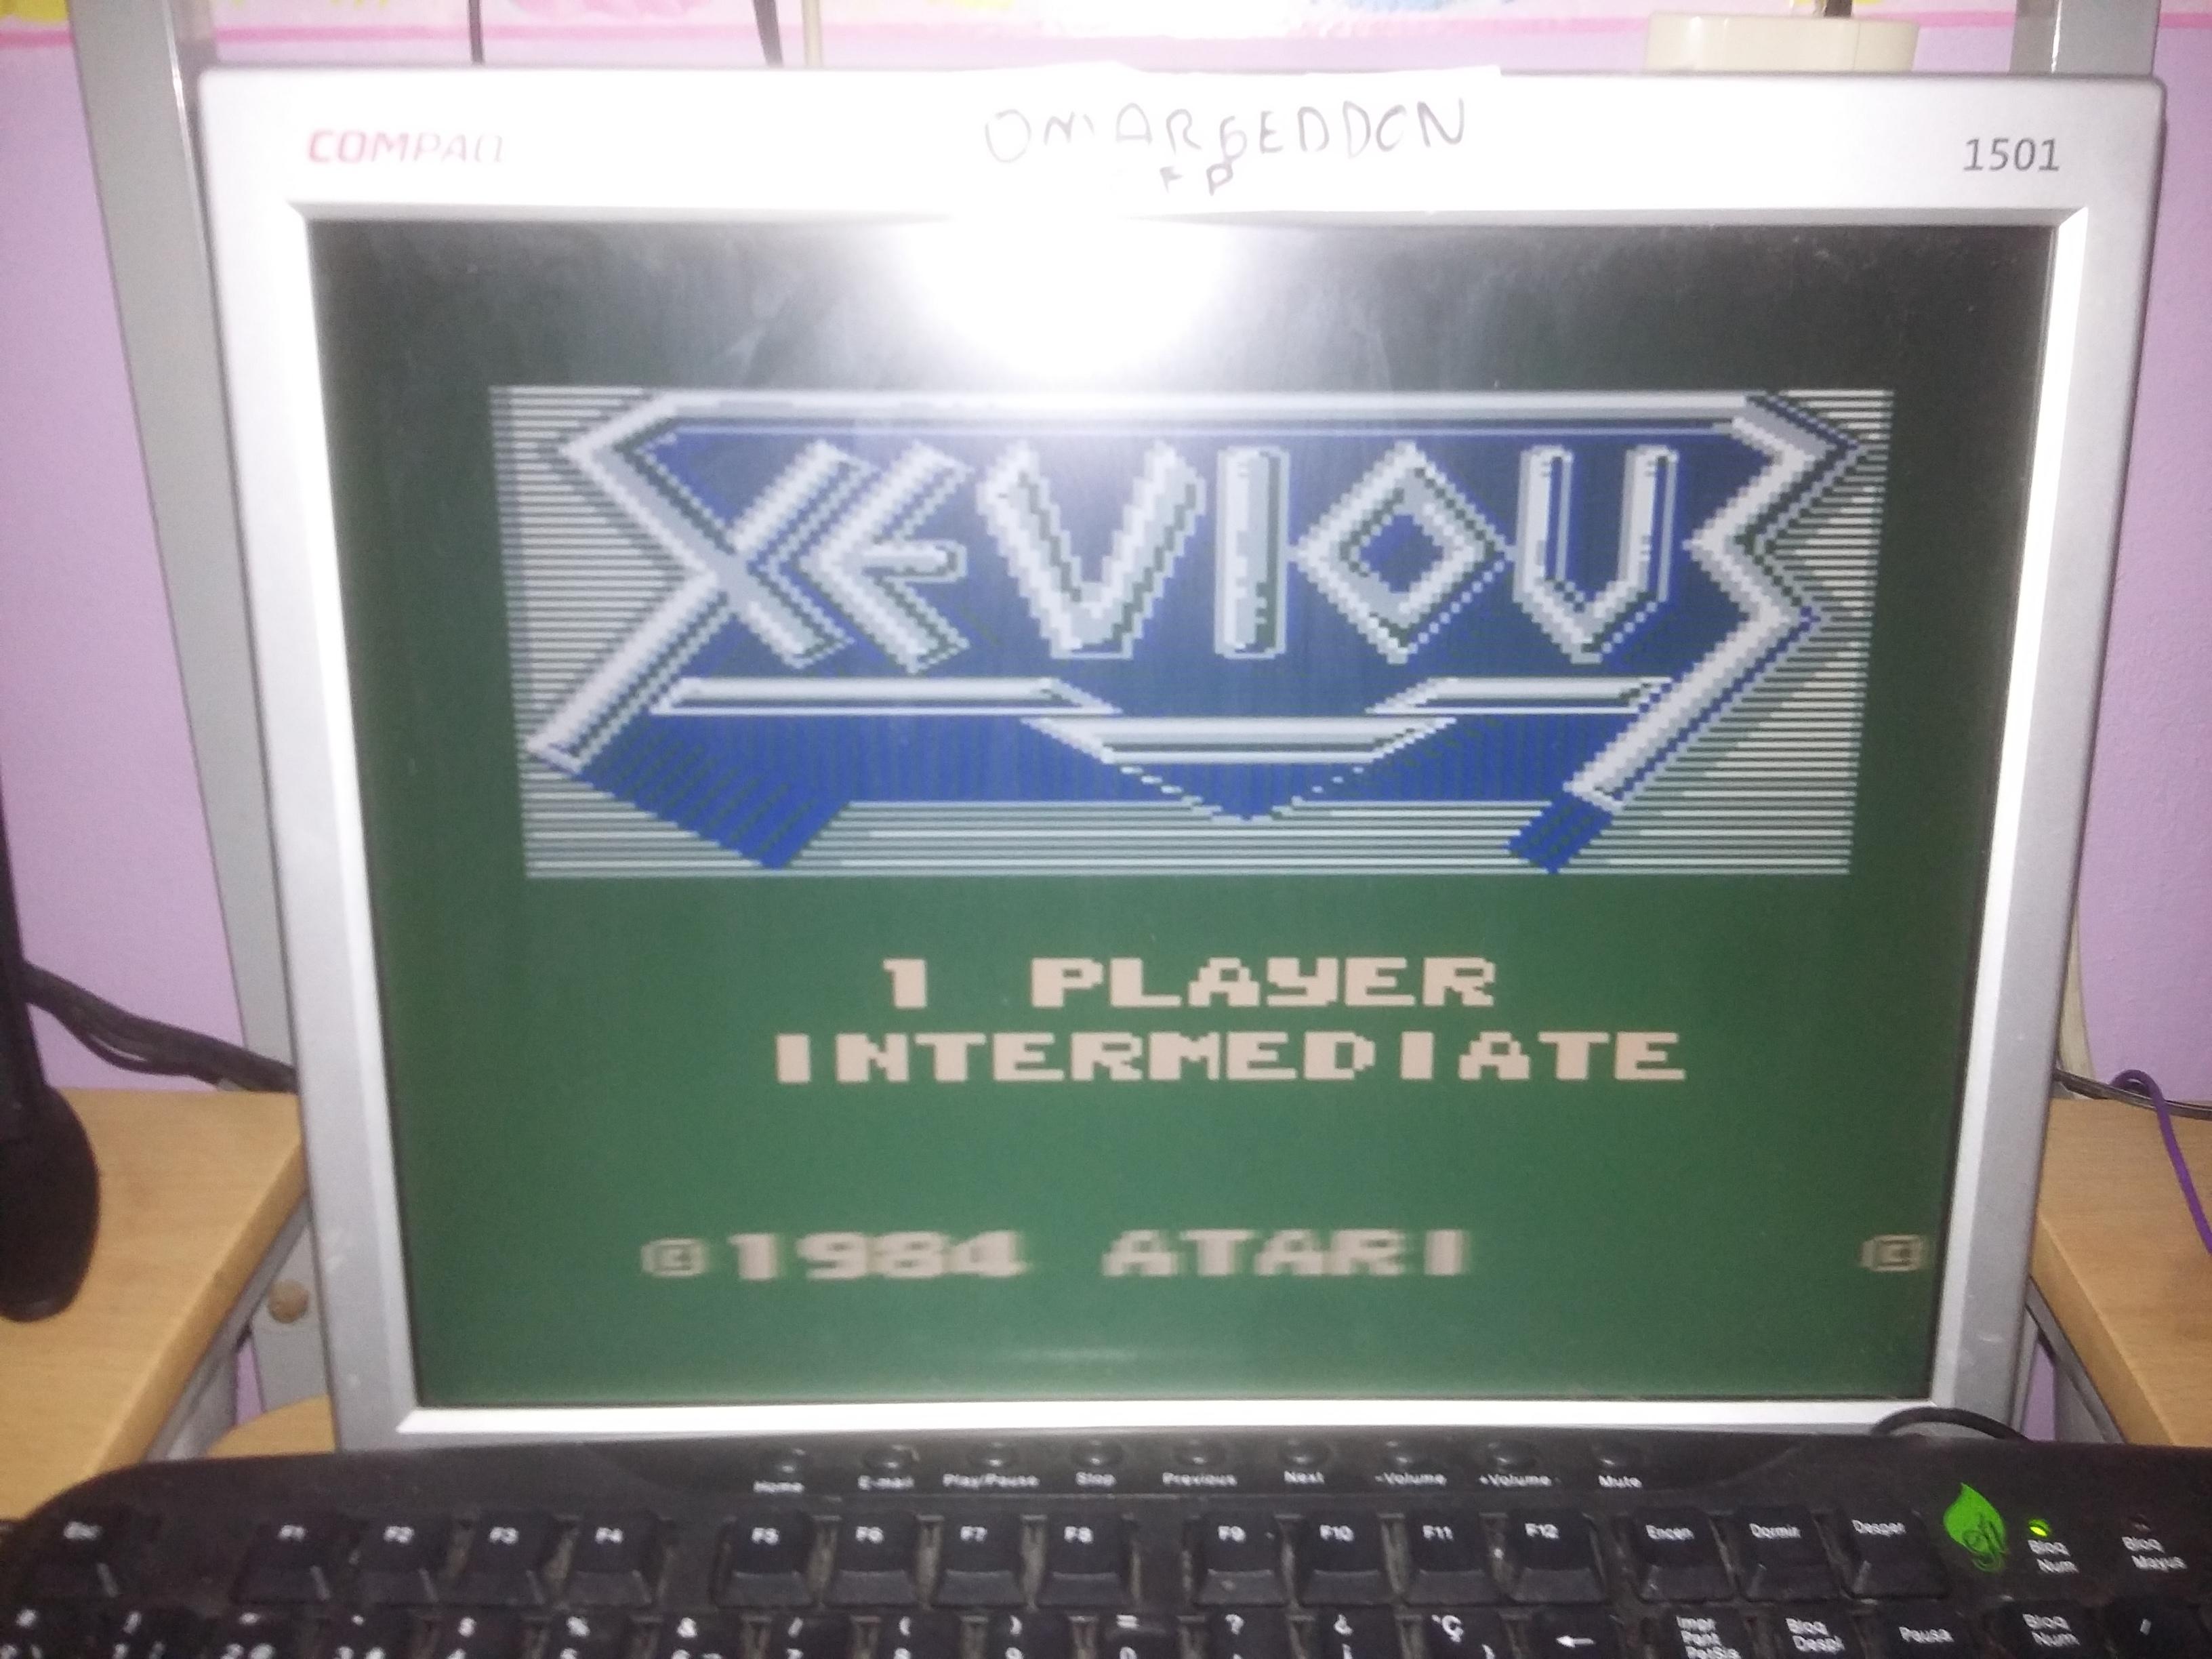 Xevious: Intermediate 34,410 points